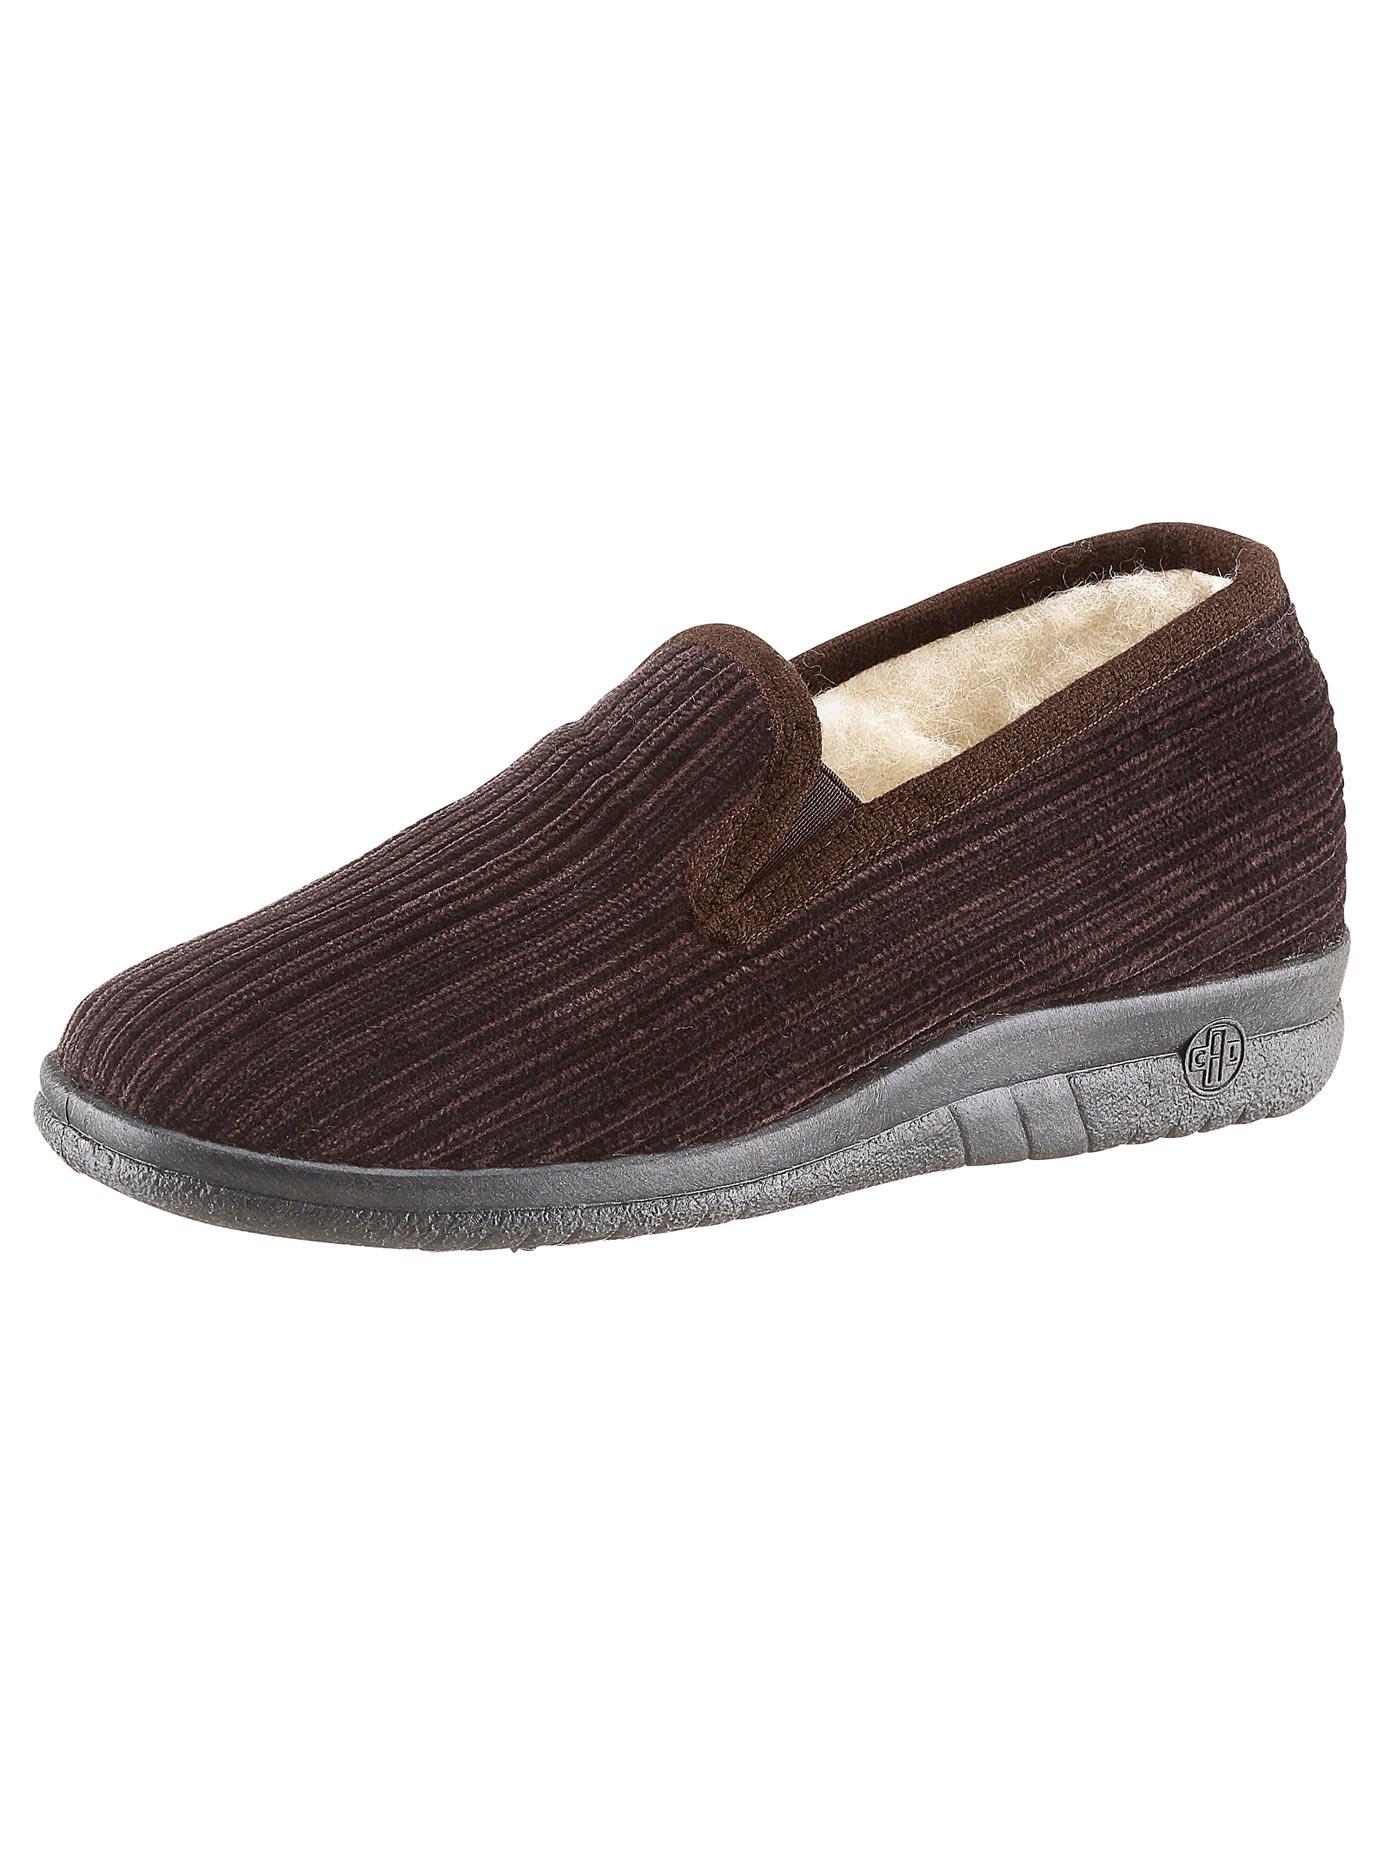 Landgraf Hausschuh braun Herren Hausschuhe Offene Schuhe